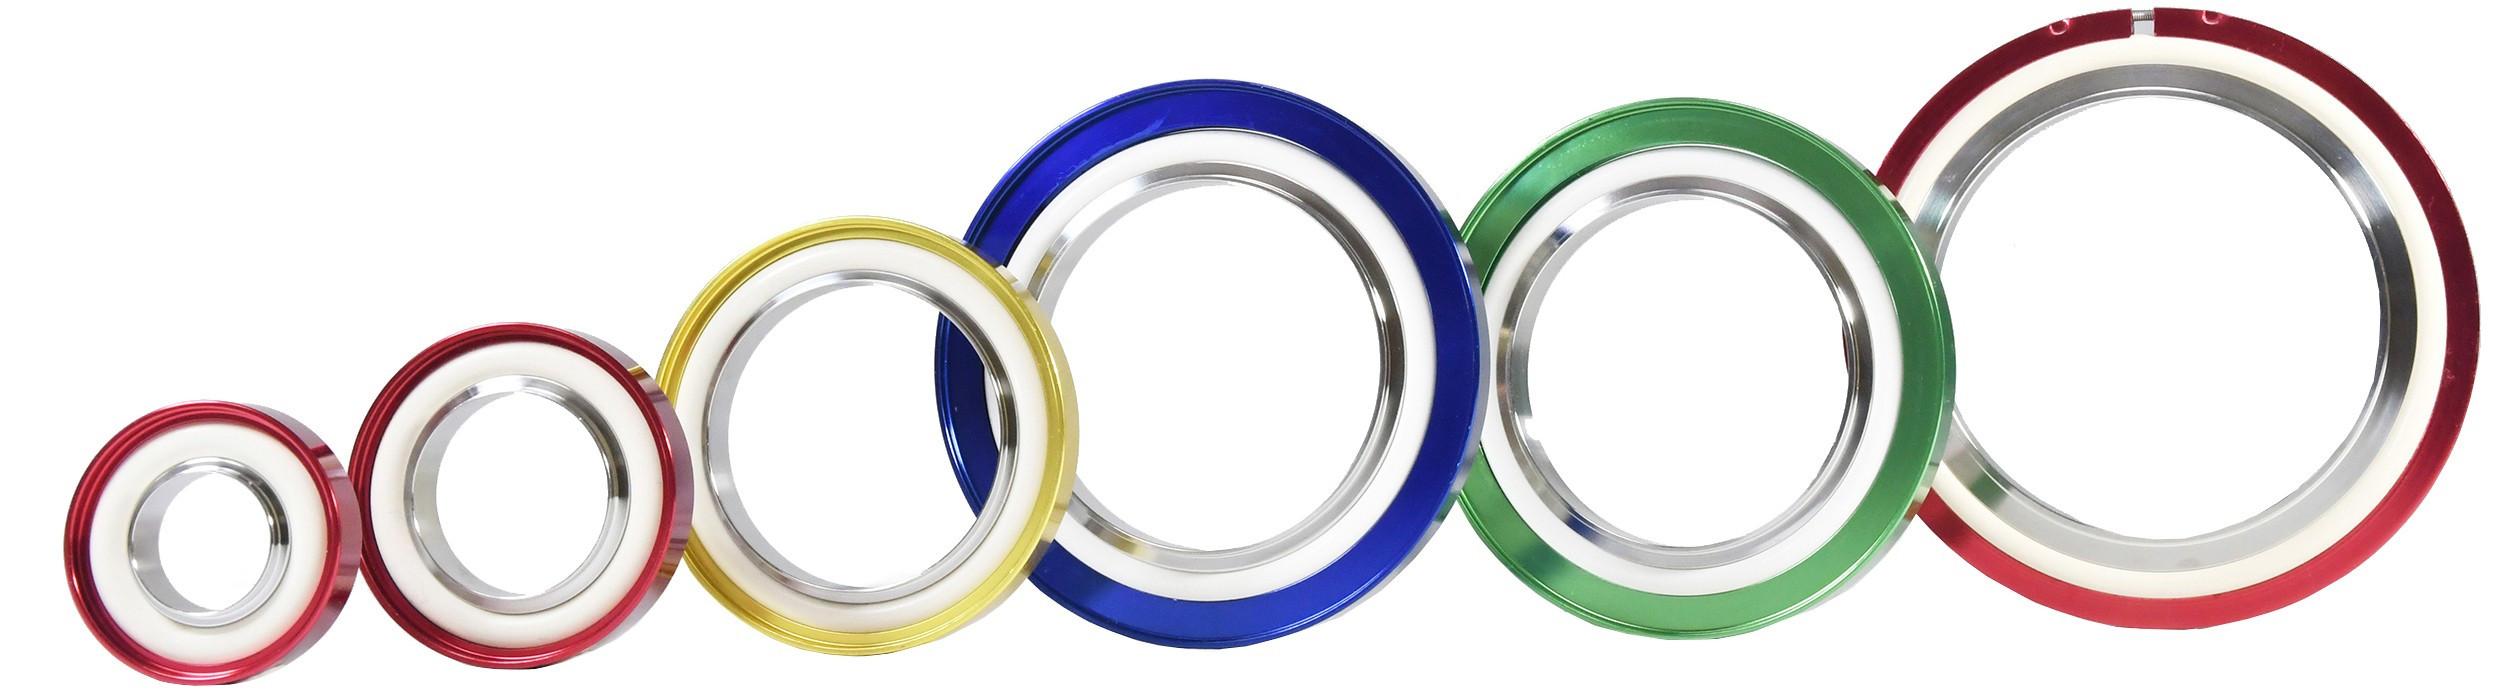 ASNA Semicon Seals